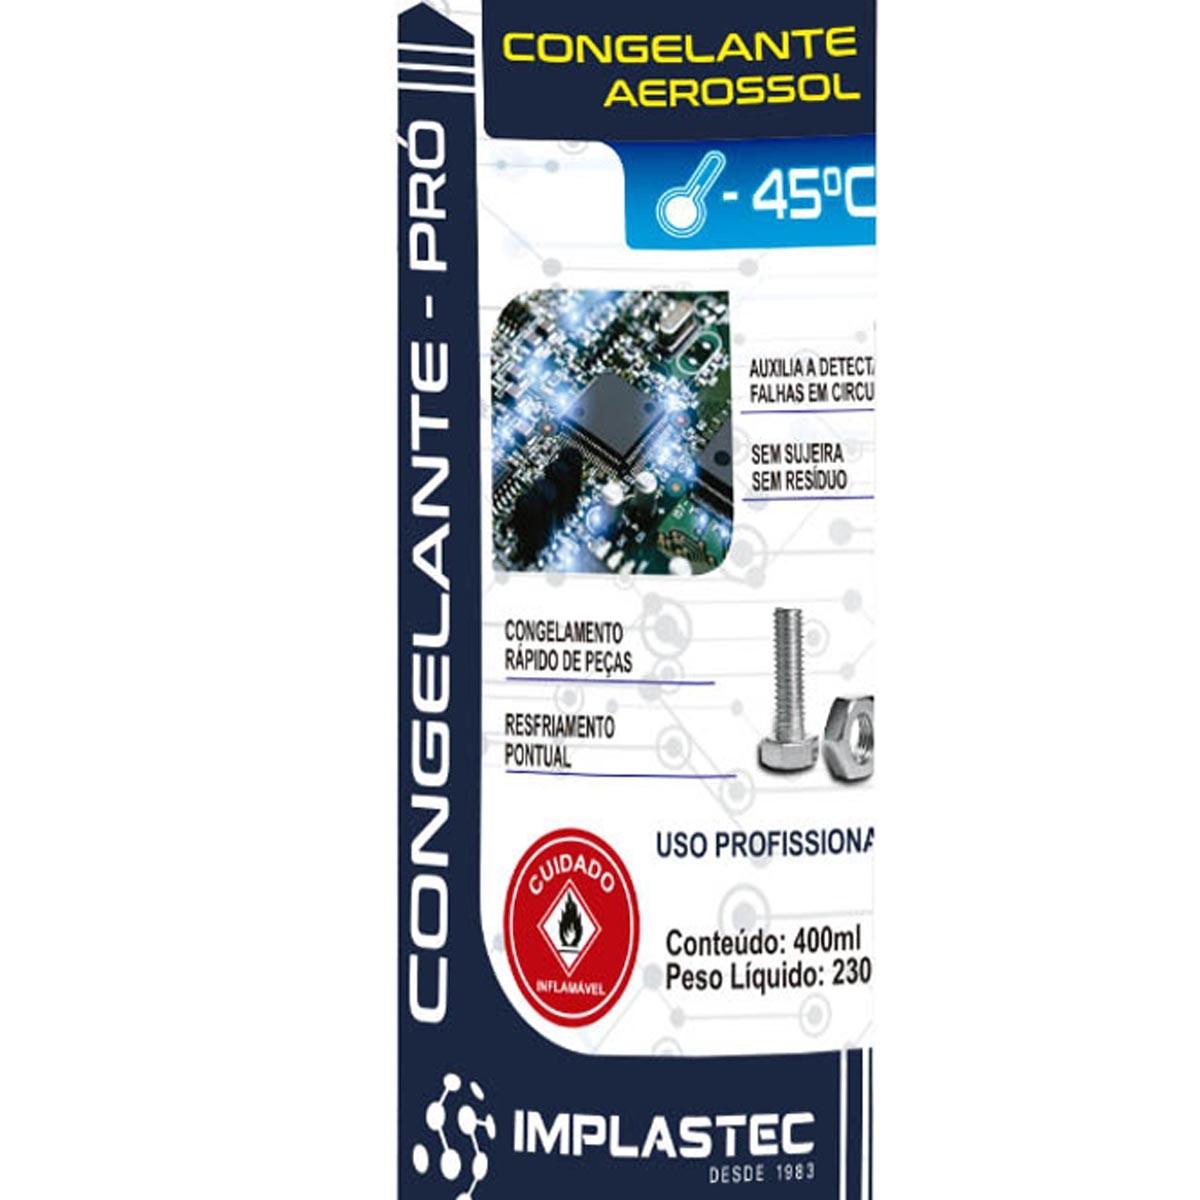 Congelante Pro Aerosol Implastec 400ml